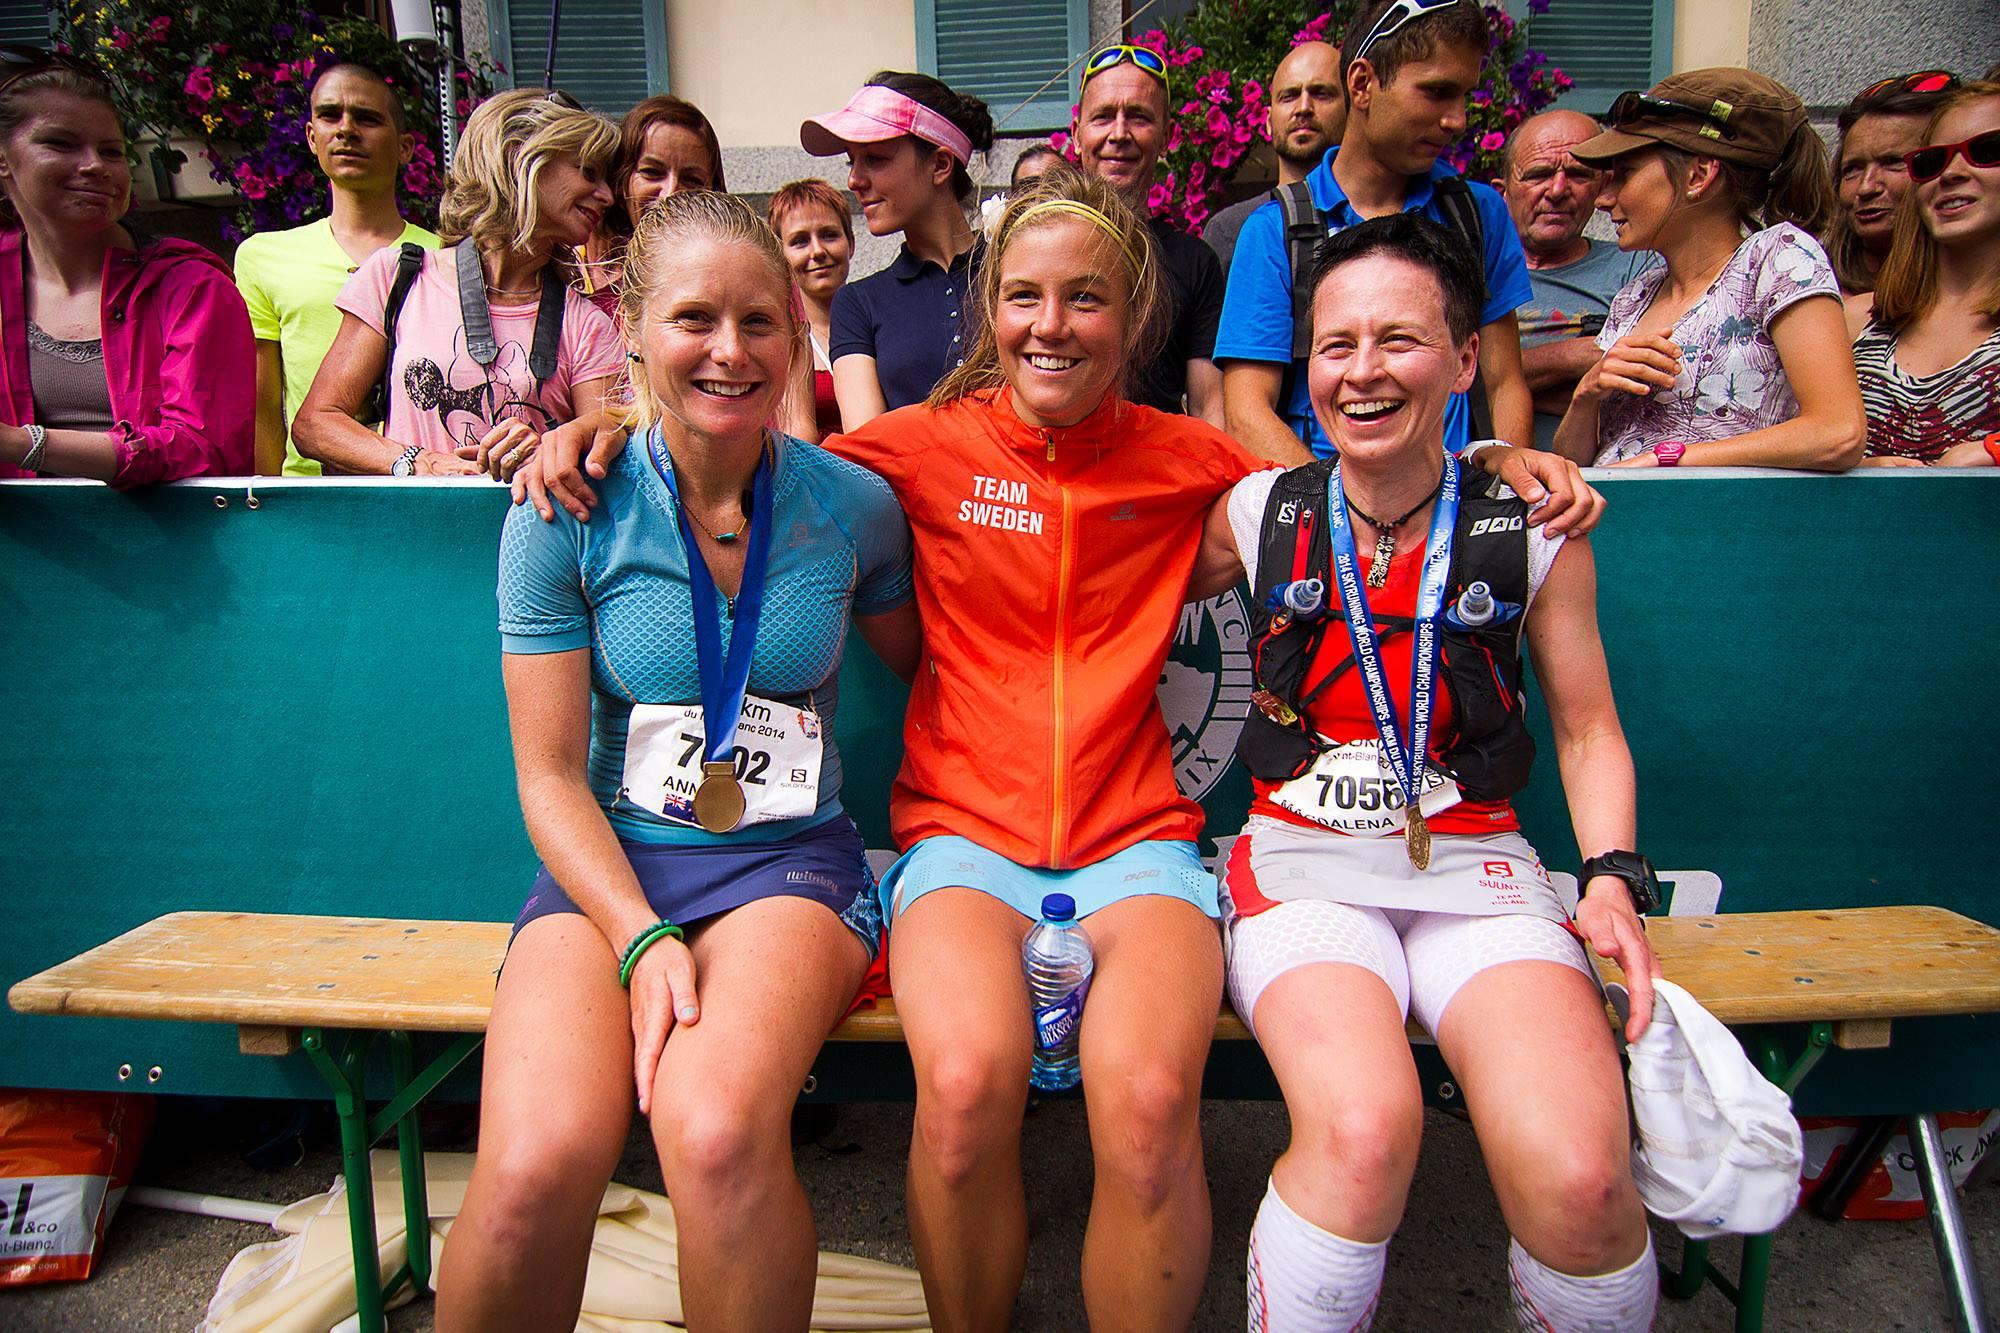 Emelie Forsberg Anna Frost Magda Łączak - Mistrzostwa Świata Skyrunning 2014 Fot. Jan Wierzejski